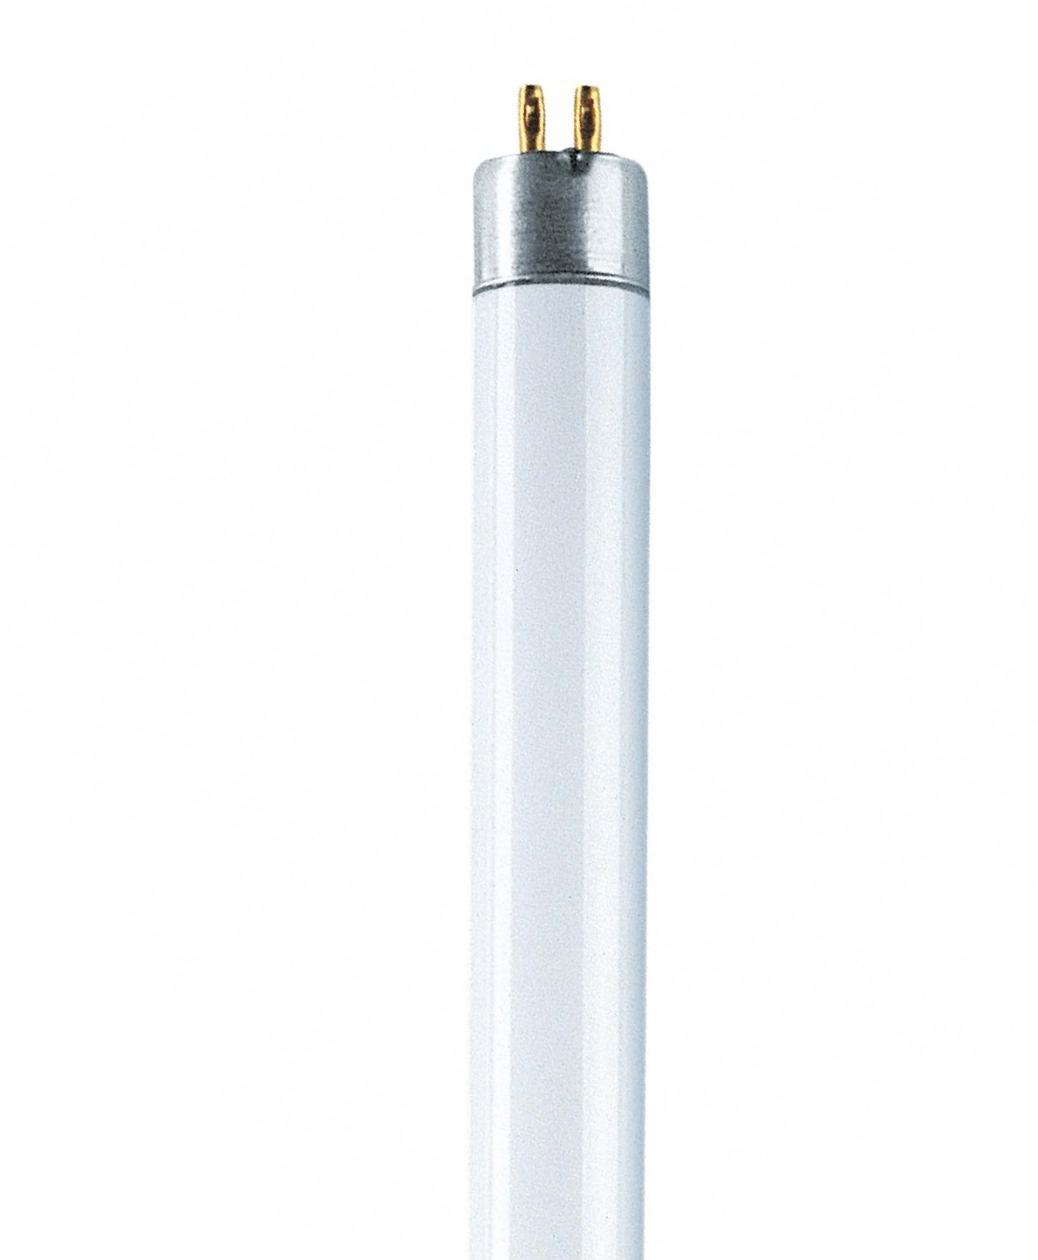 T5 80W/830 G5 FLH1, Warmweiß, Leuchtstofflampe